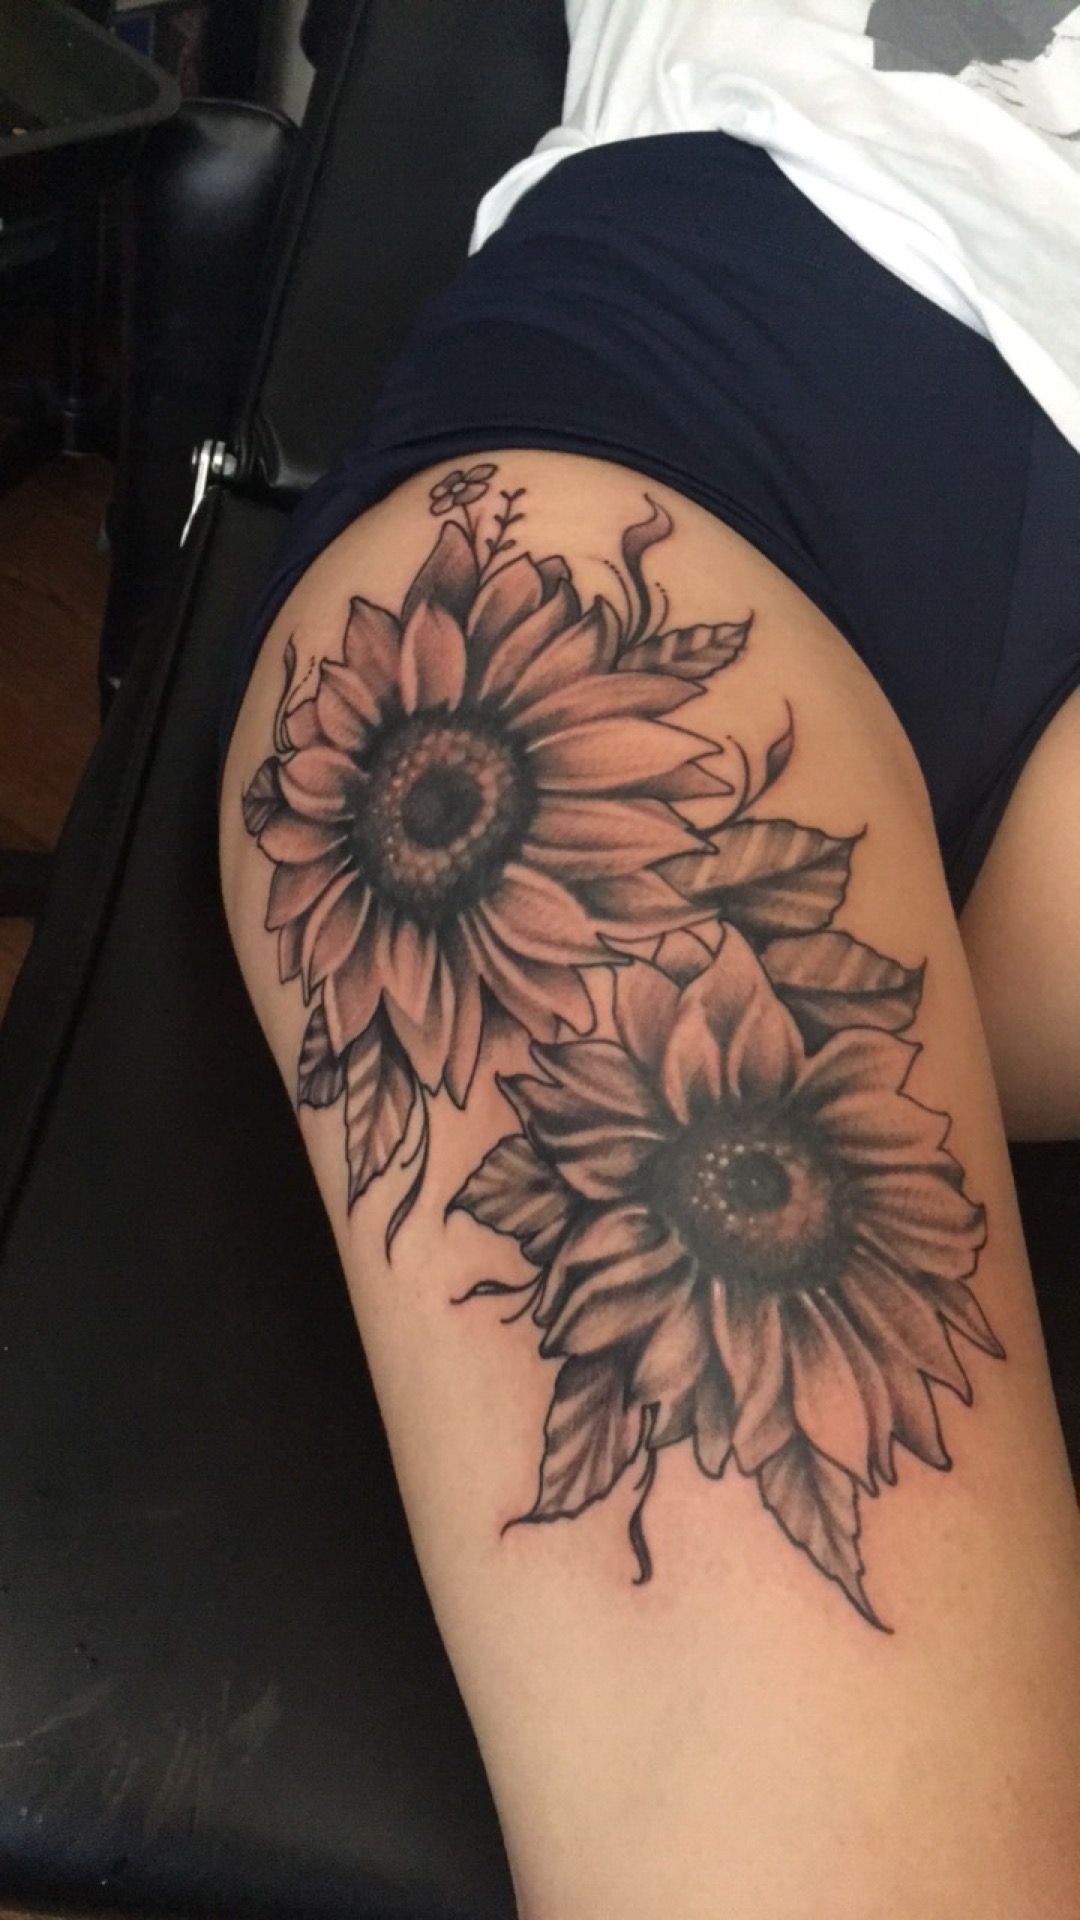 My Own Creation Of Sunflowers Tattoos Tatouage Modele Tatouage